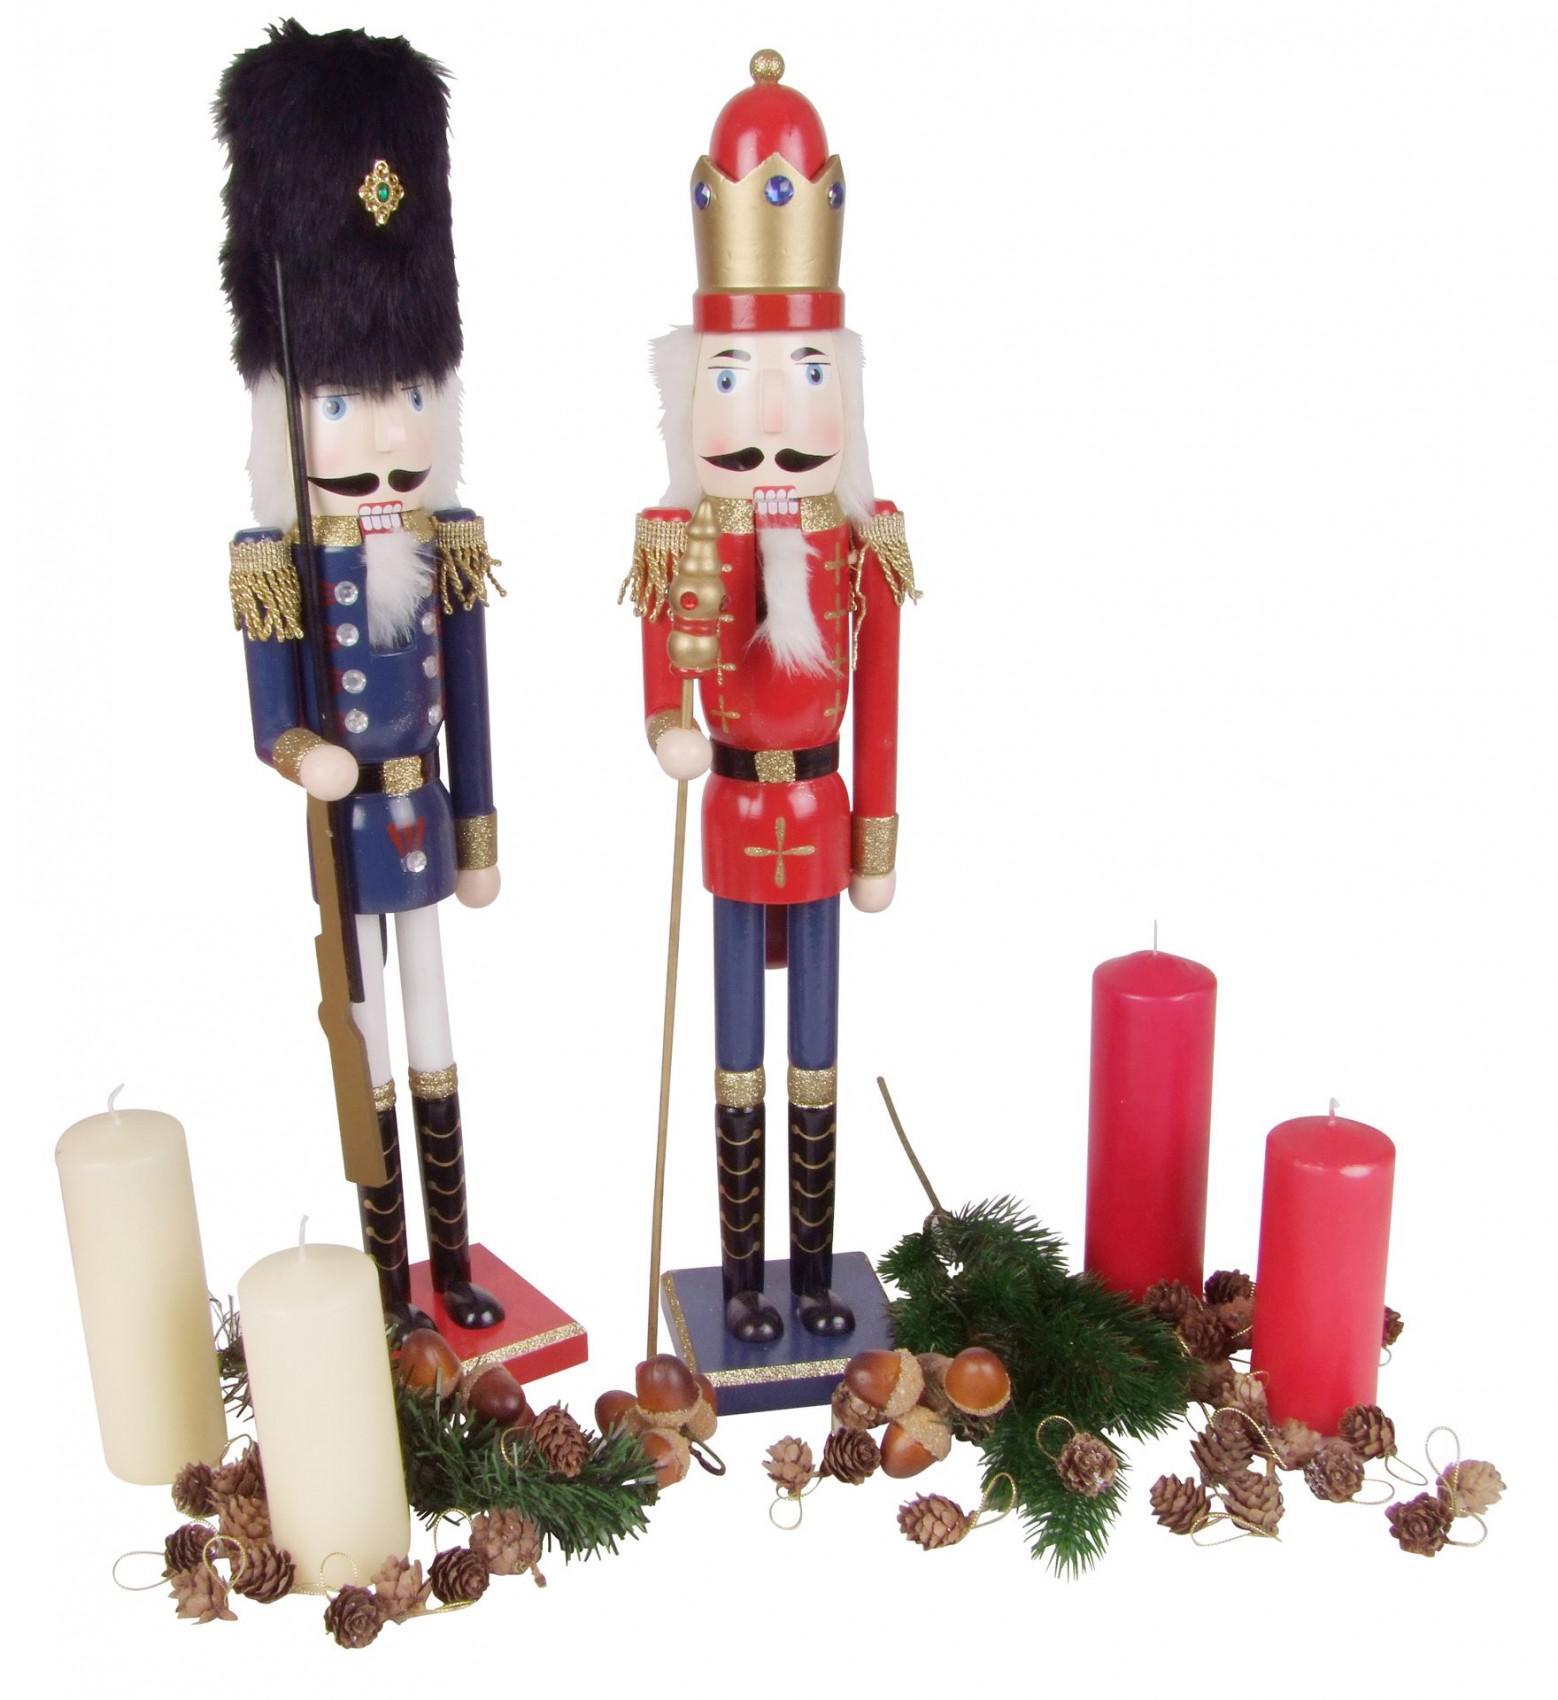 Weihnachts holz günstig & sicher kaufen bei yatego